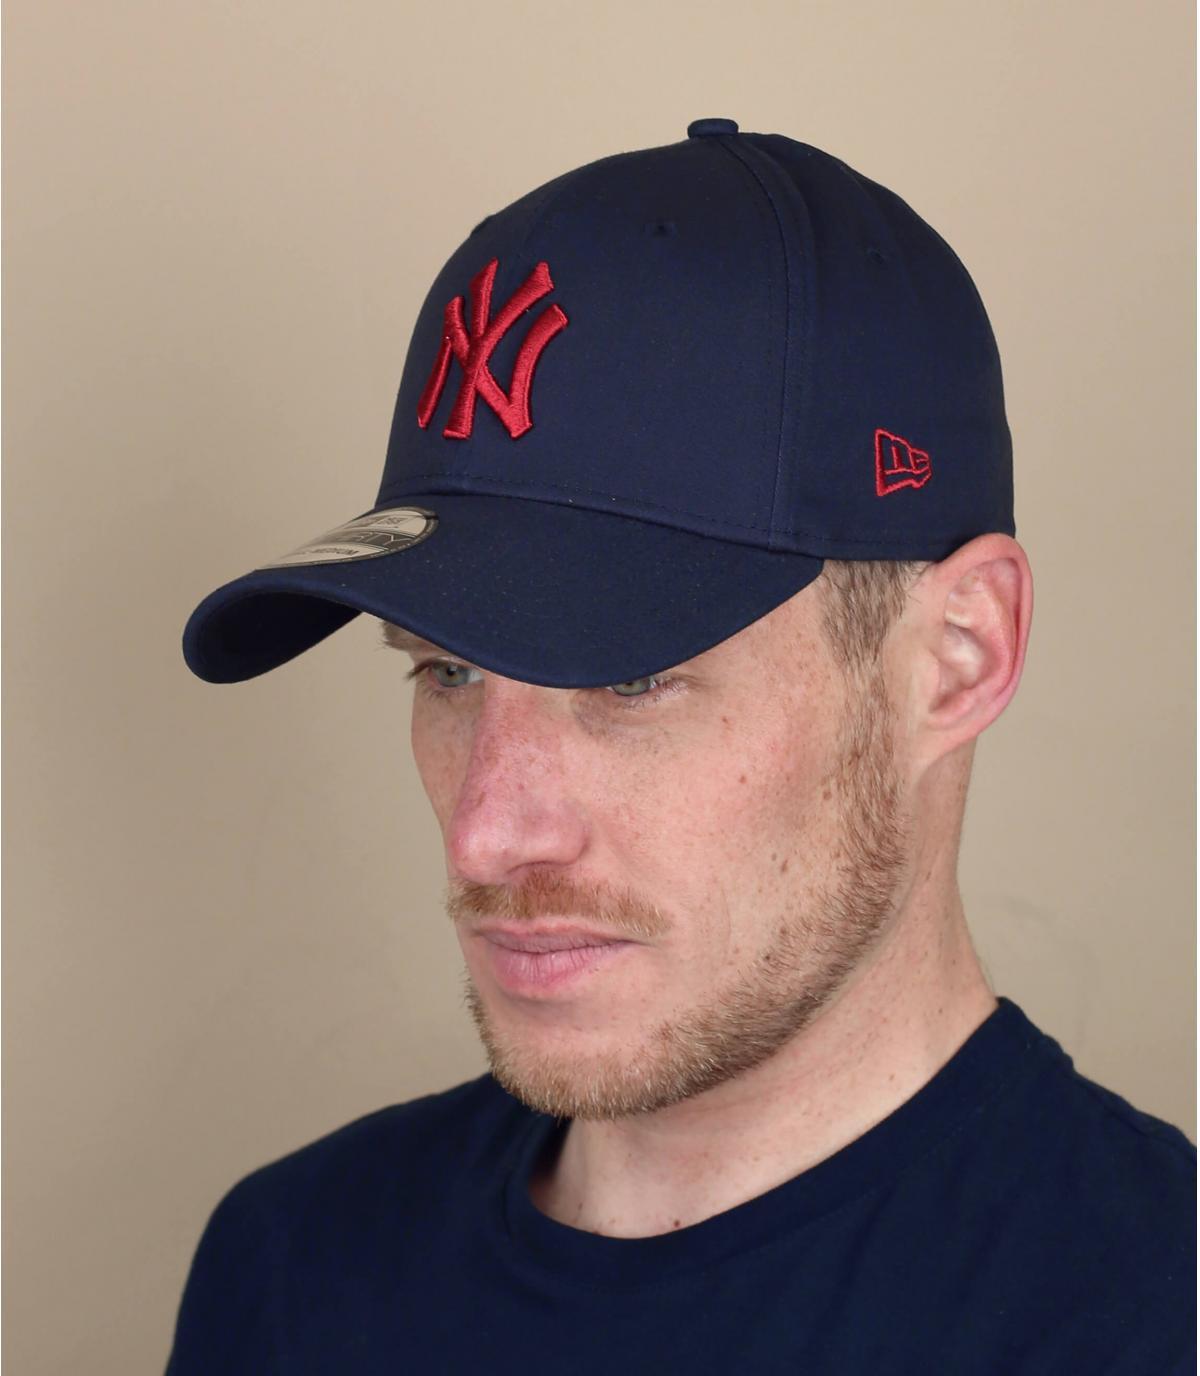 NY Cap blau rot